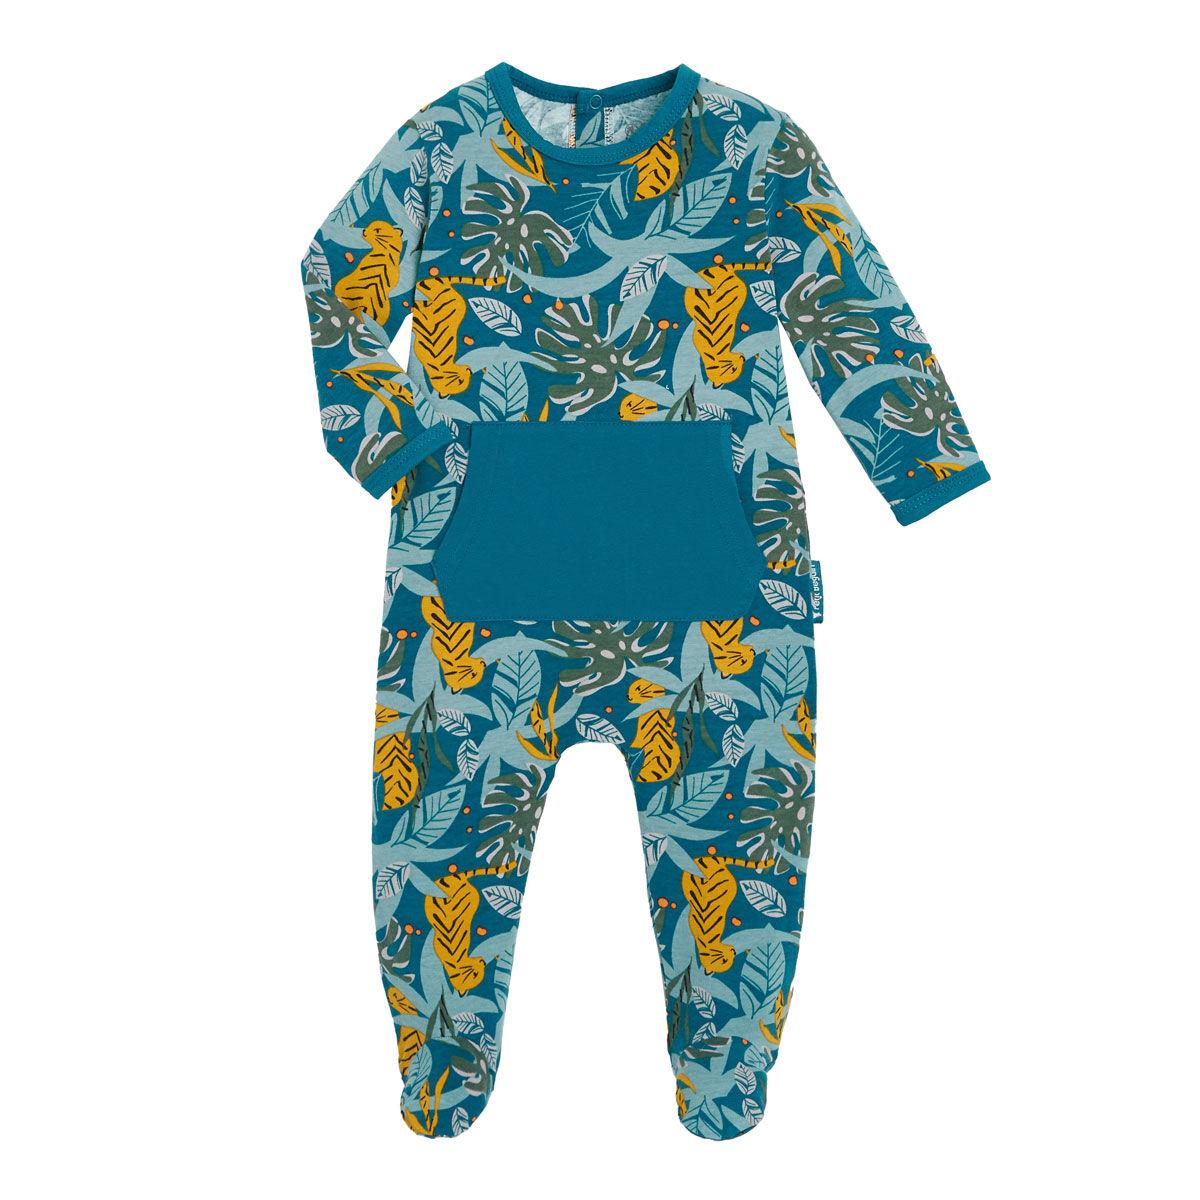 Petit Béguin Pyjama bébé contenant du coton bio Malawi - Taille - 6 mois